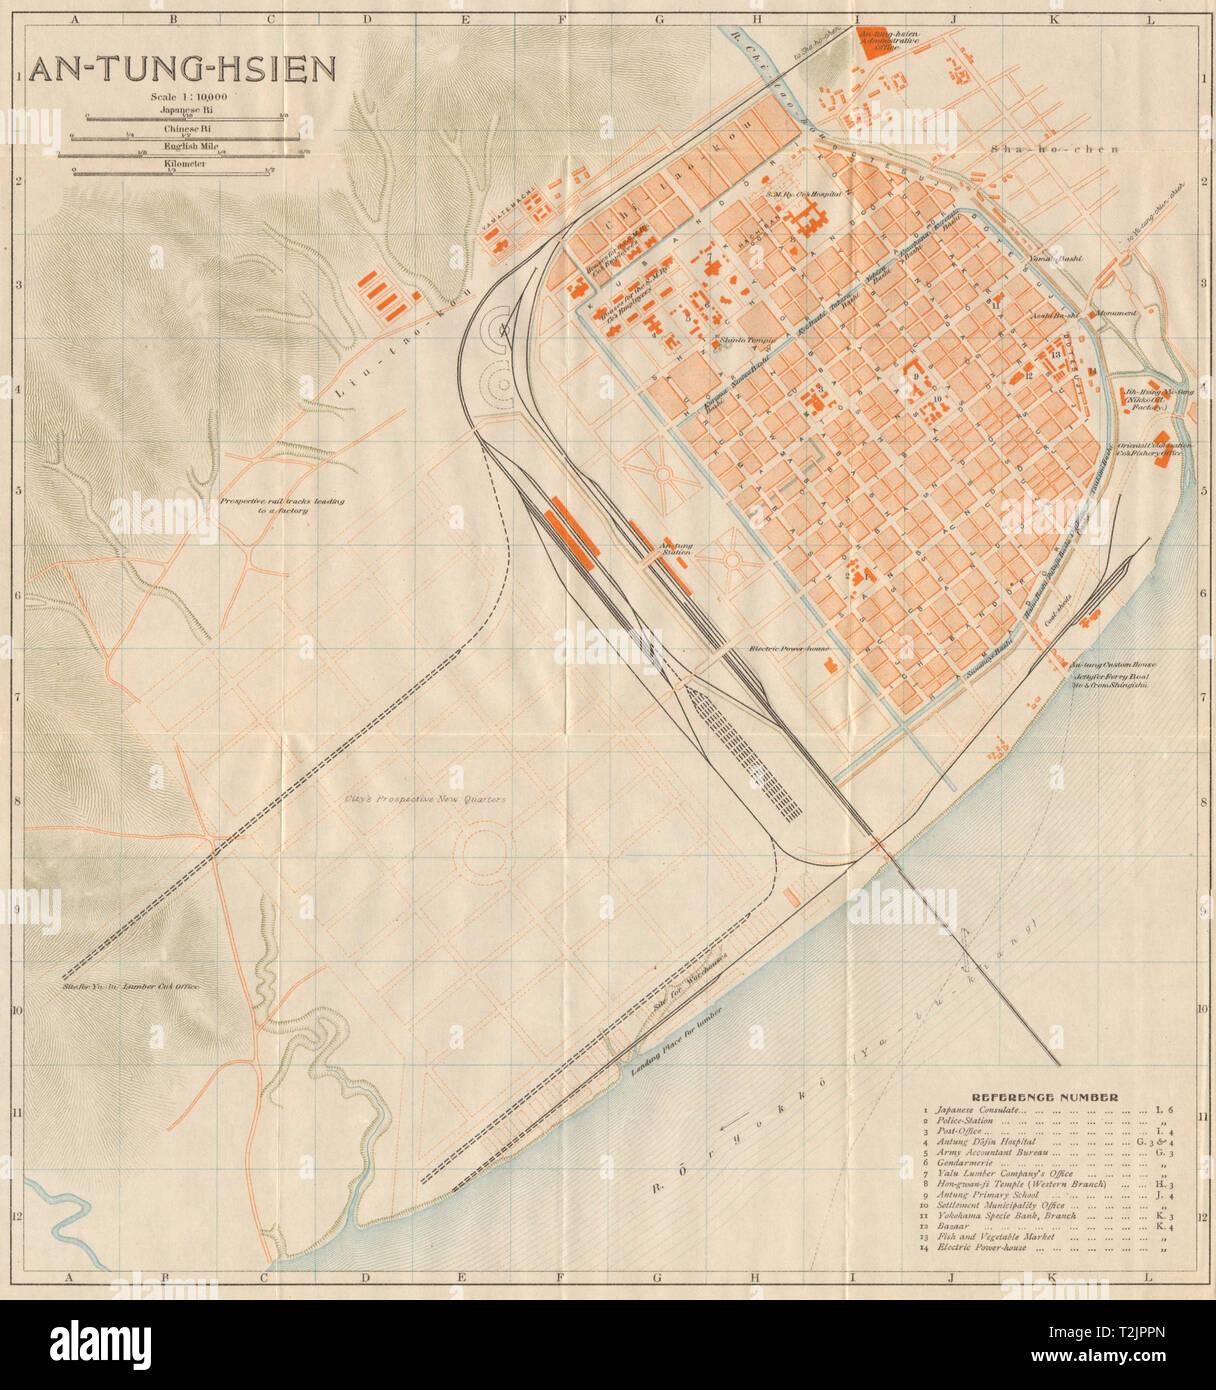 Pas-de-calais Art Maps, Atlases & Globes Calais Town Plan 1913 Old Antique Vintage Map Chart